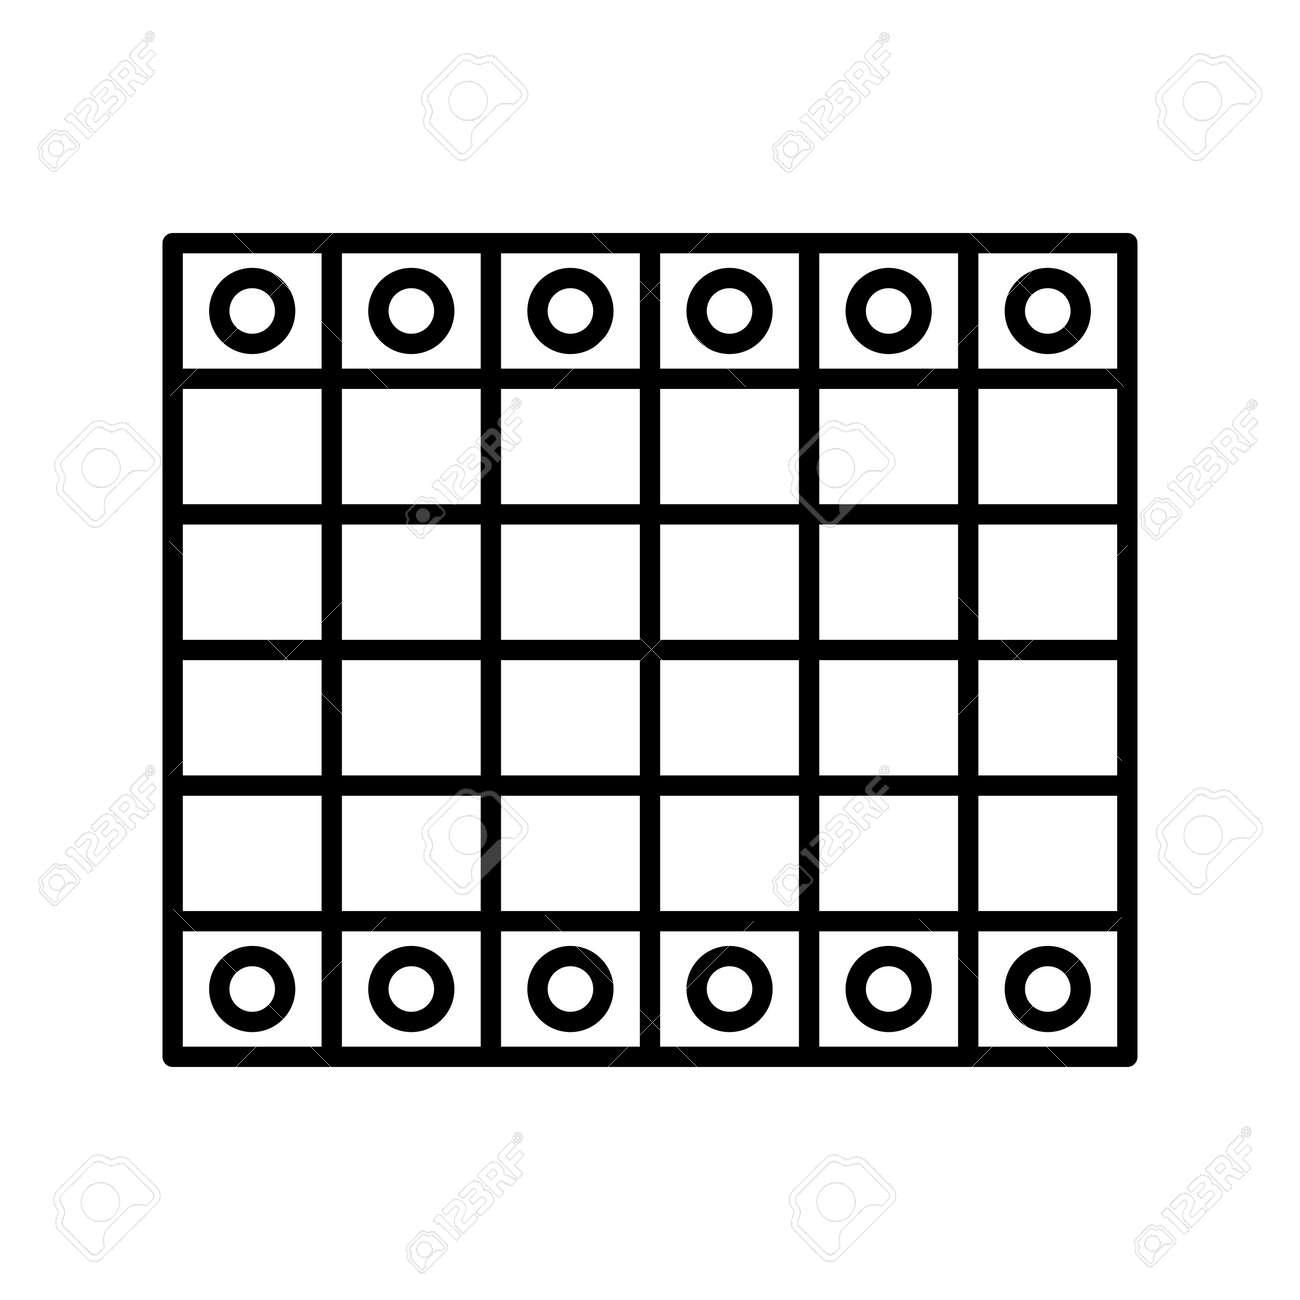 Unique Chessboard Line Vector Icon - 167962674